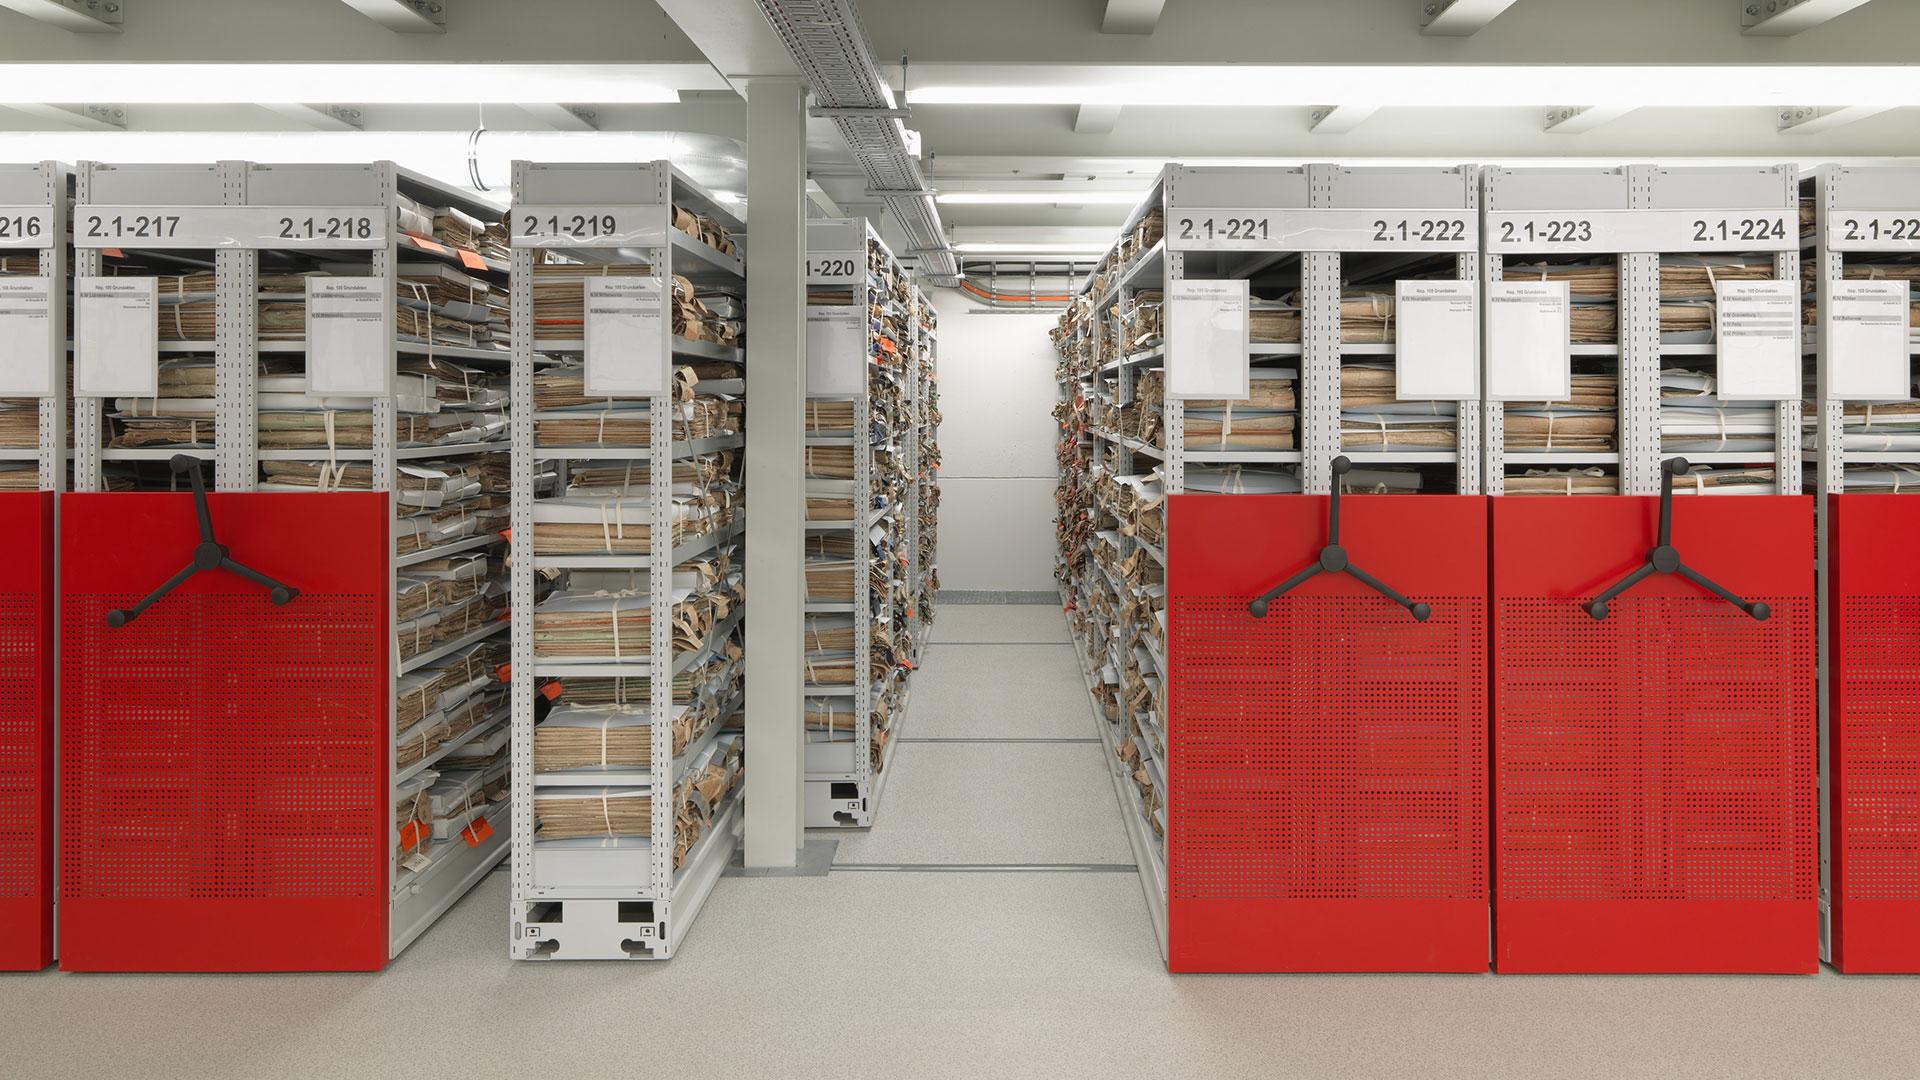 Regalsysteme-Archivregal-Rollregal-Liegeakten-RR409-mauser-16-9cwyTxhWgLlYmq